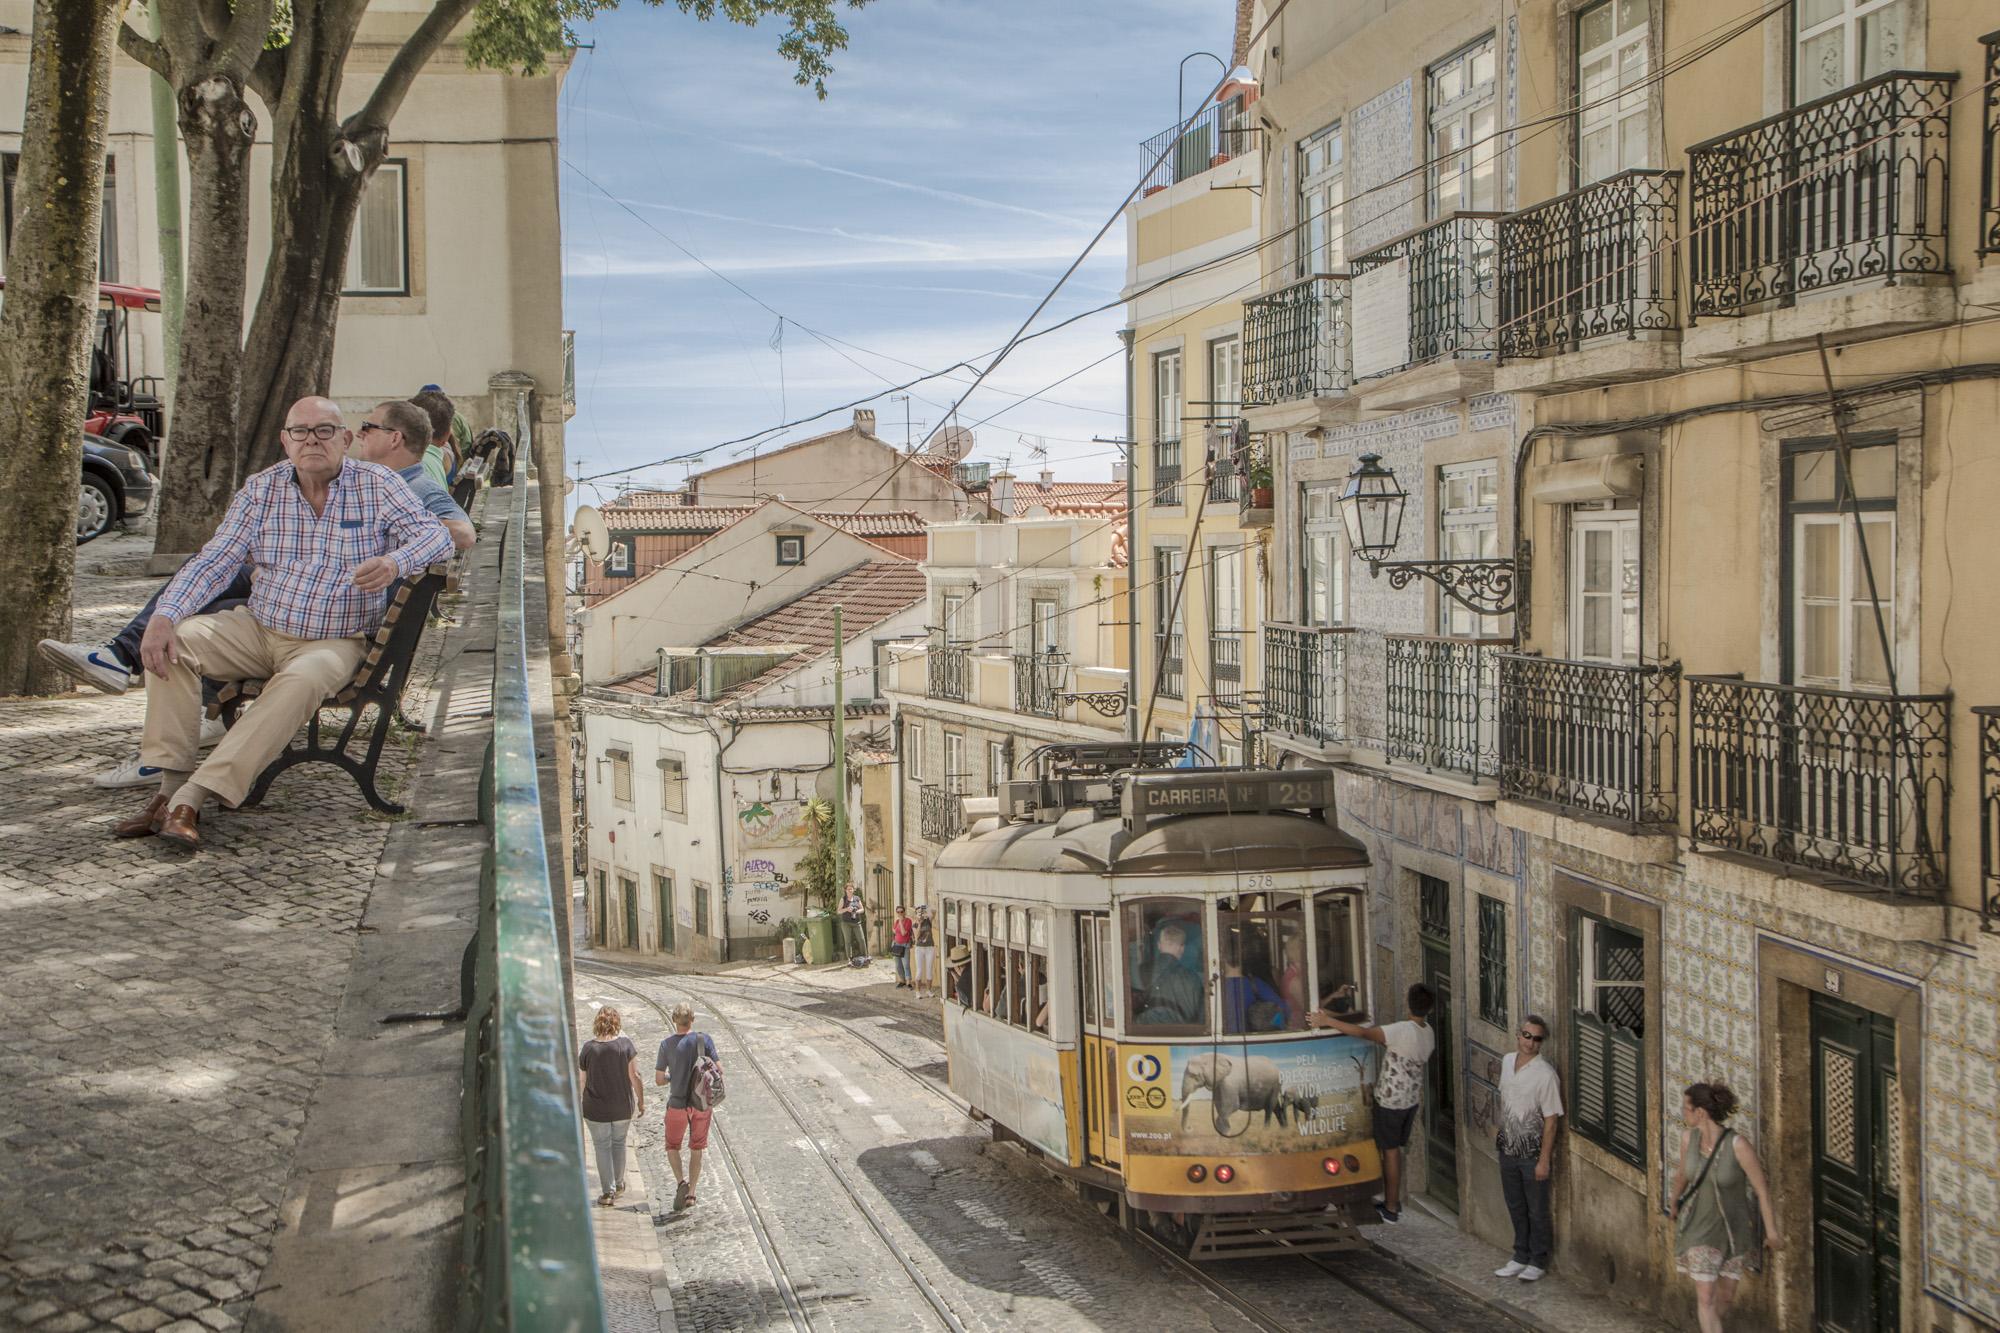 Portugal, Lissabon, Alfama Viertel, Tram 28, Rua Sao Tome, Gasse, Verkehr